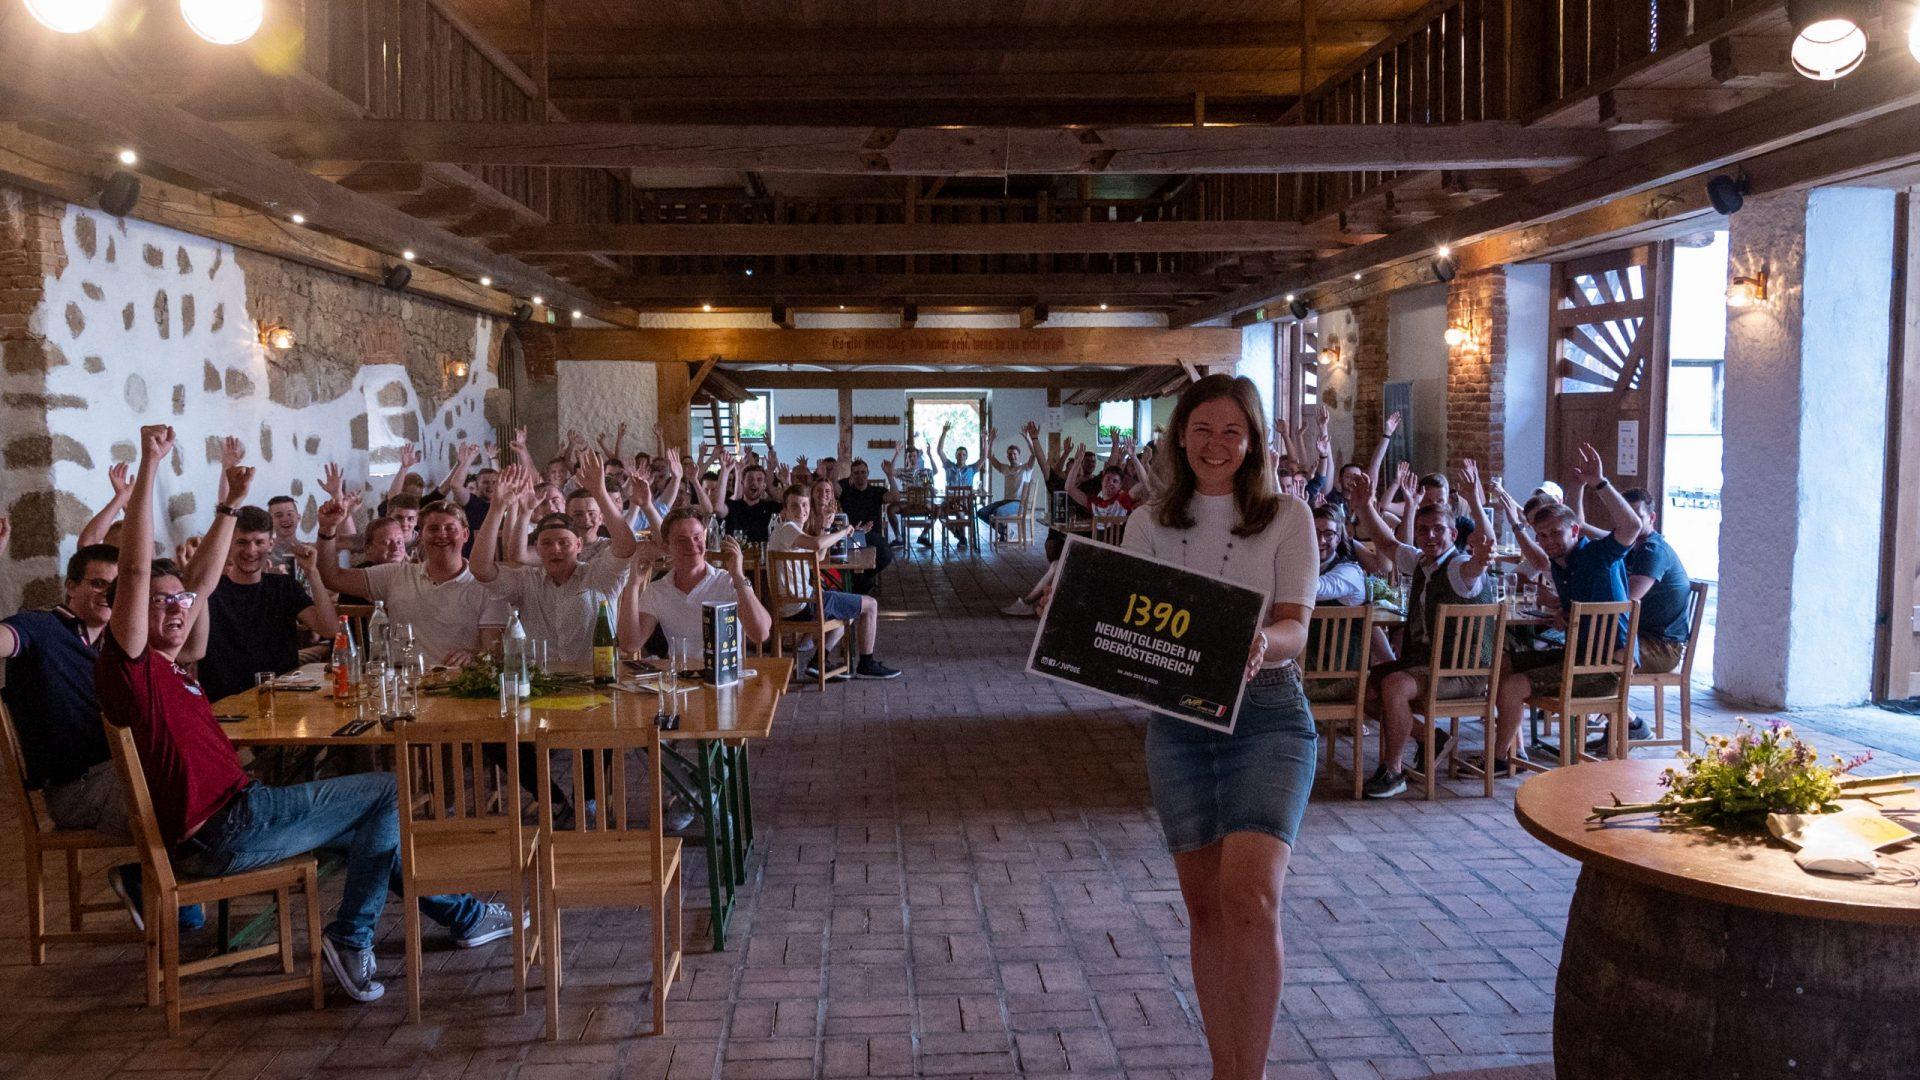 Claudia Plakolm_JVP-Membercamp